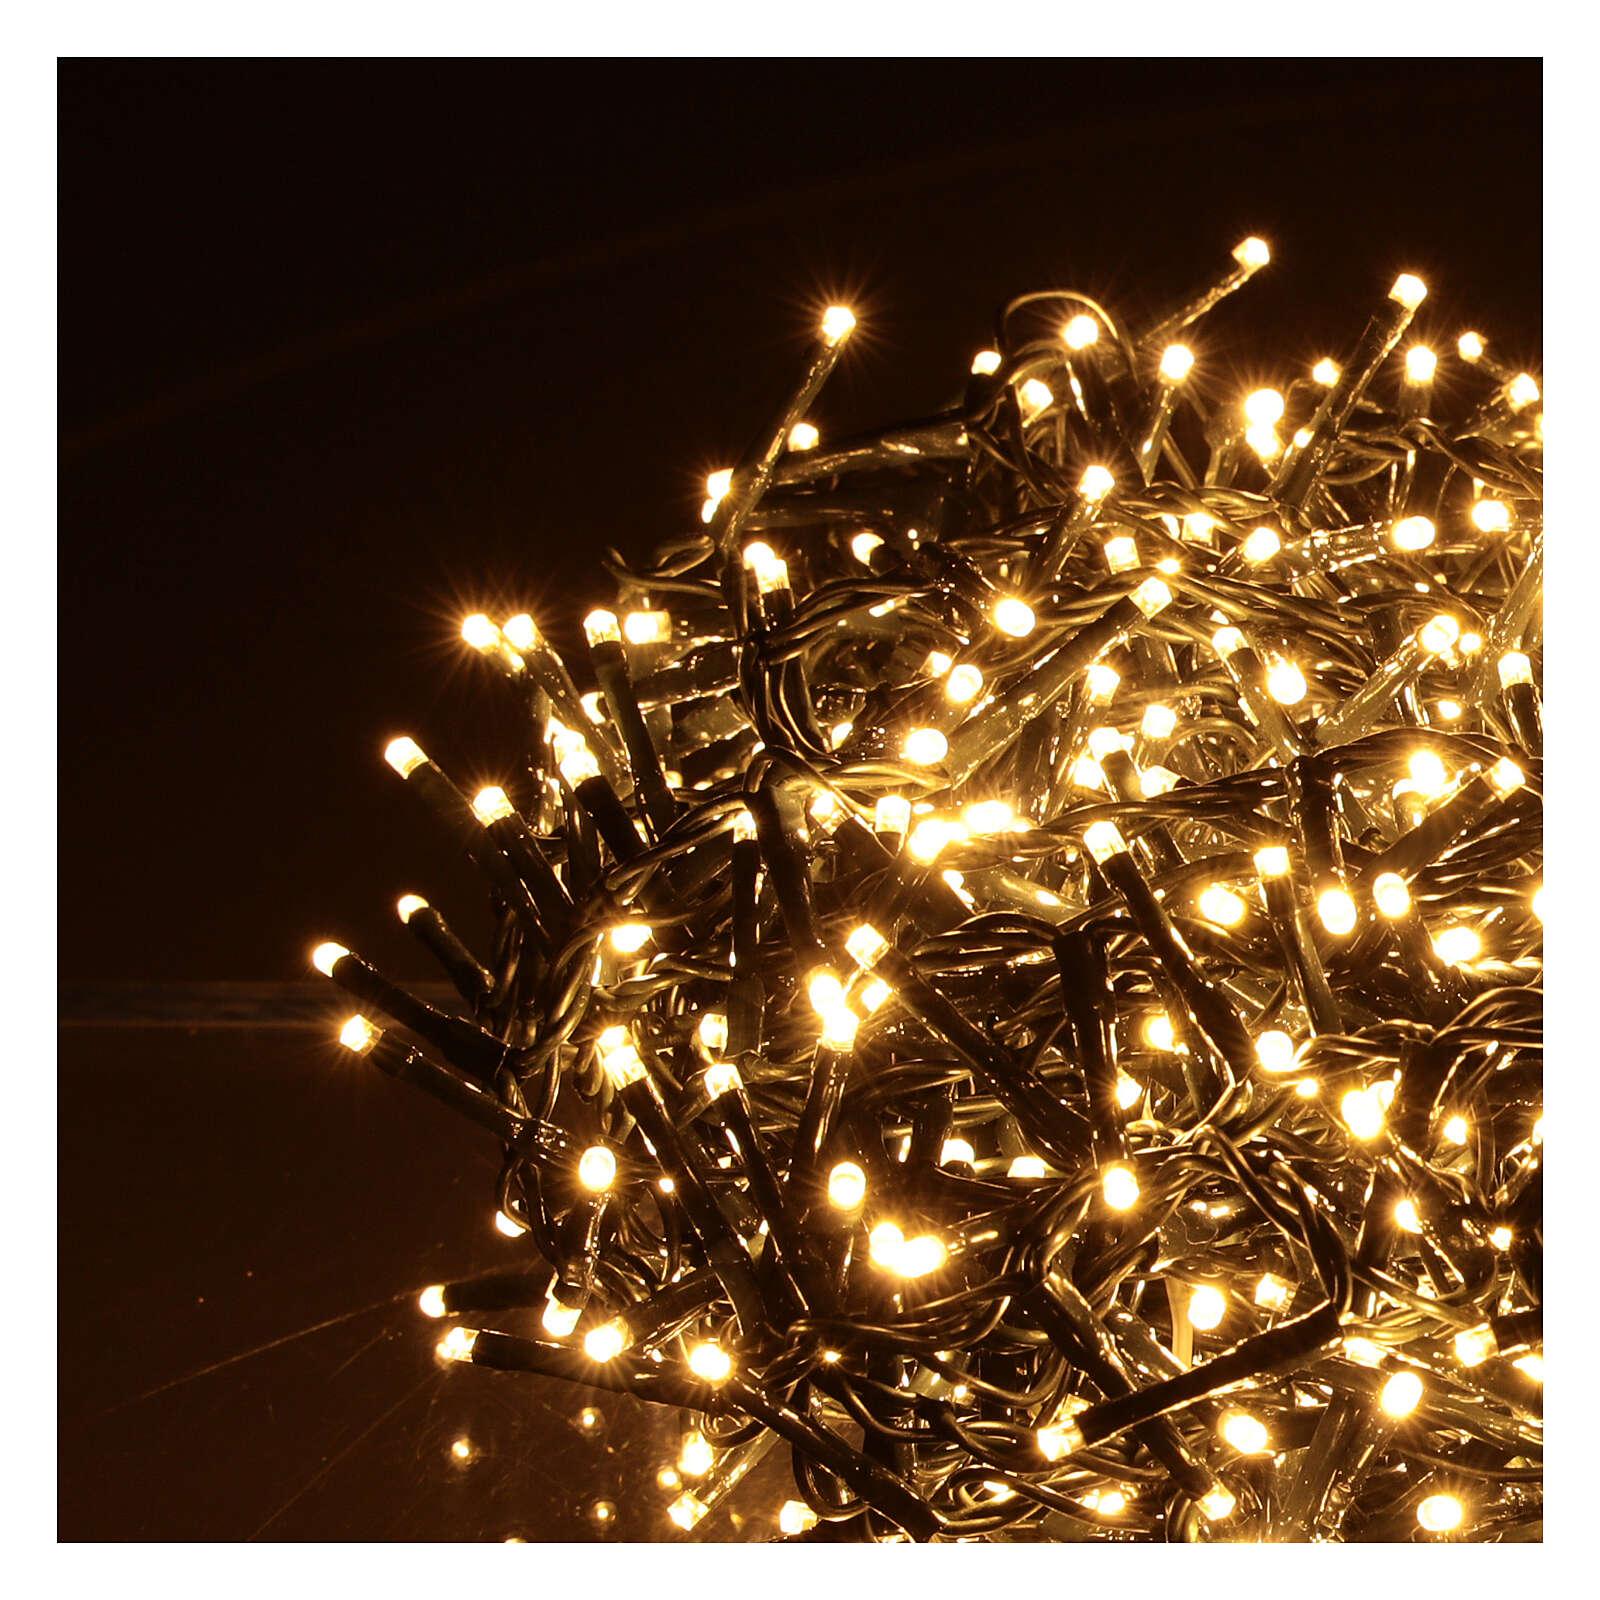 Chaîne 1200 LED blanc chaud avec jeu de lumières extérieur courant 3